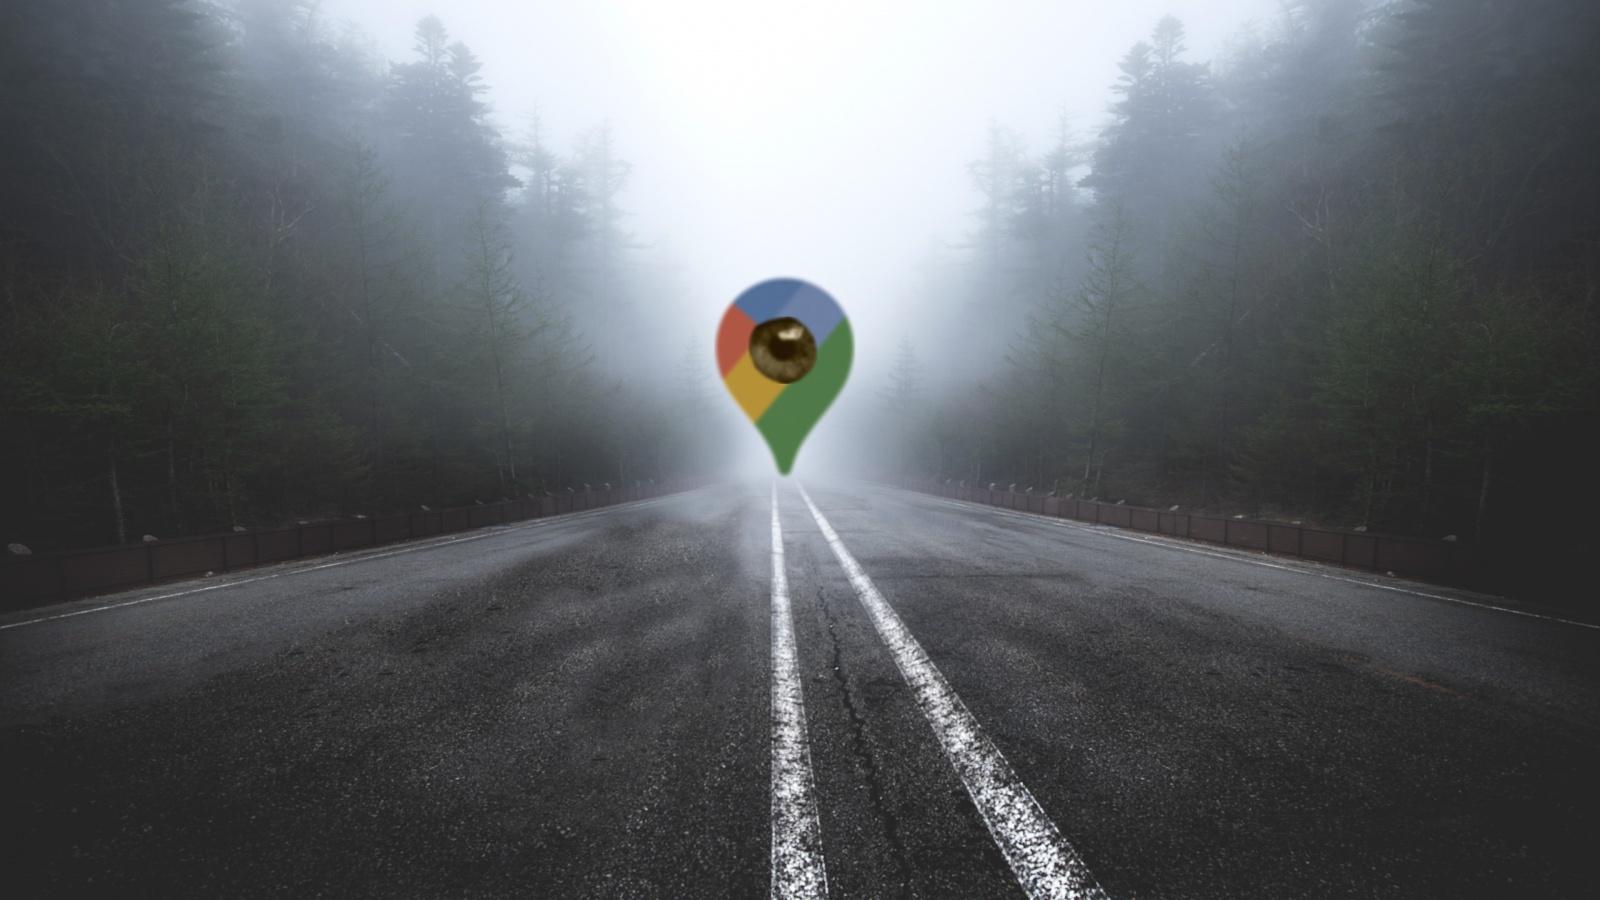 Шесть причин, по которым Google Maps – самое пугающее приложение на вашем смартфоне - 1